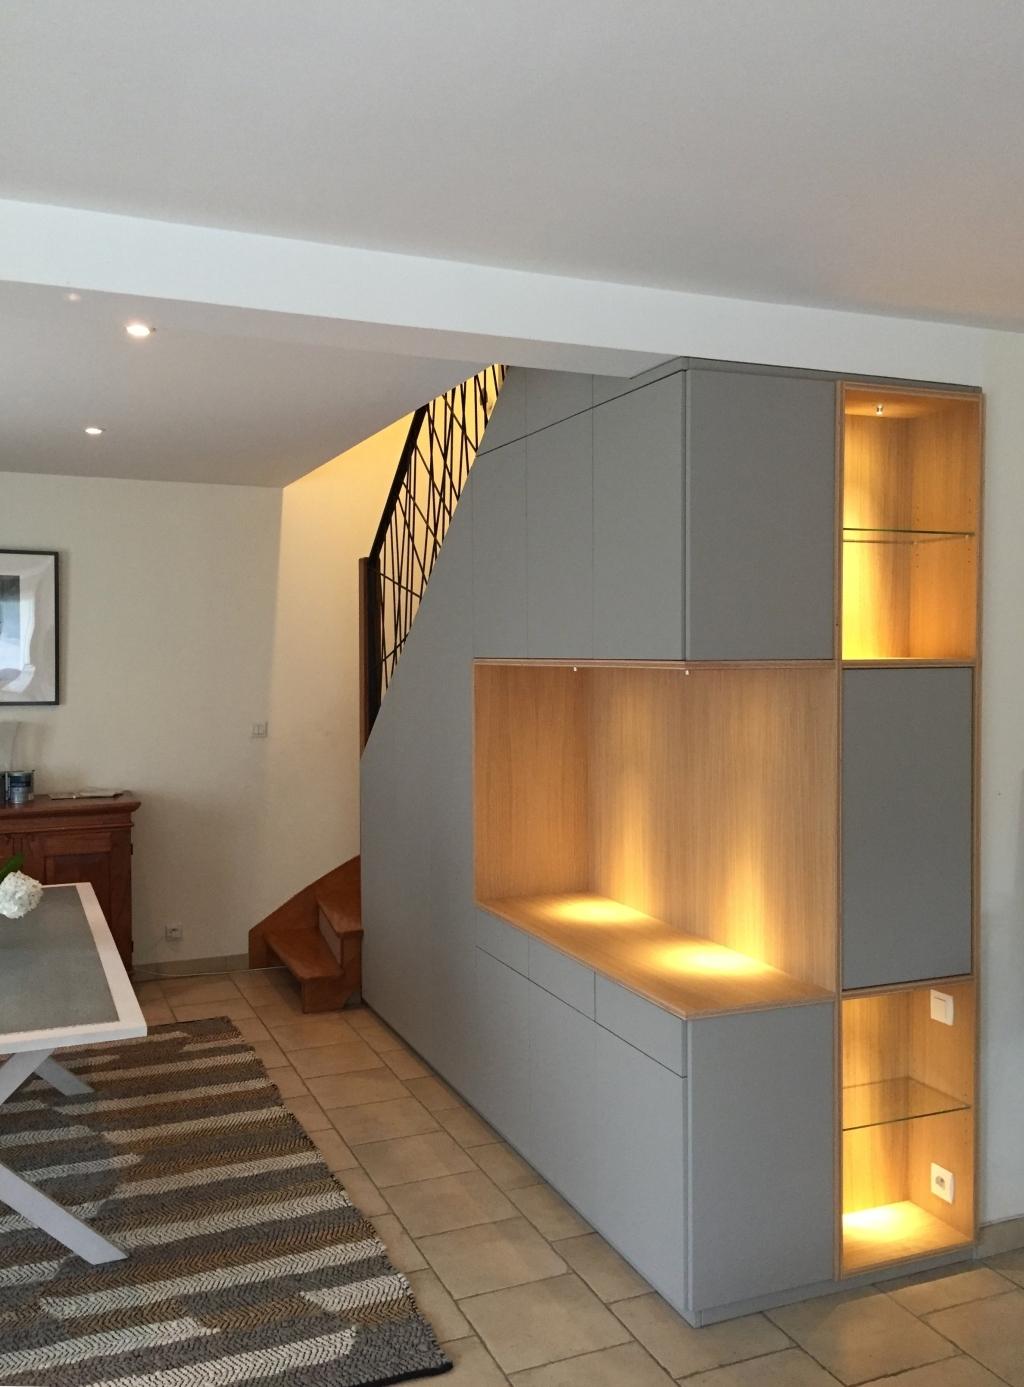 meuble sous escalier à brest le-conquet plouzané le relecq-kerhuon plougastel guipavas saint-renan dans le finistère